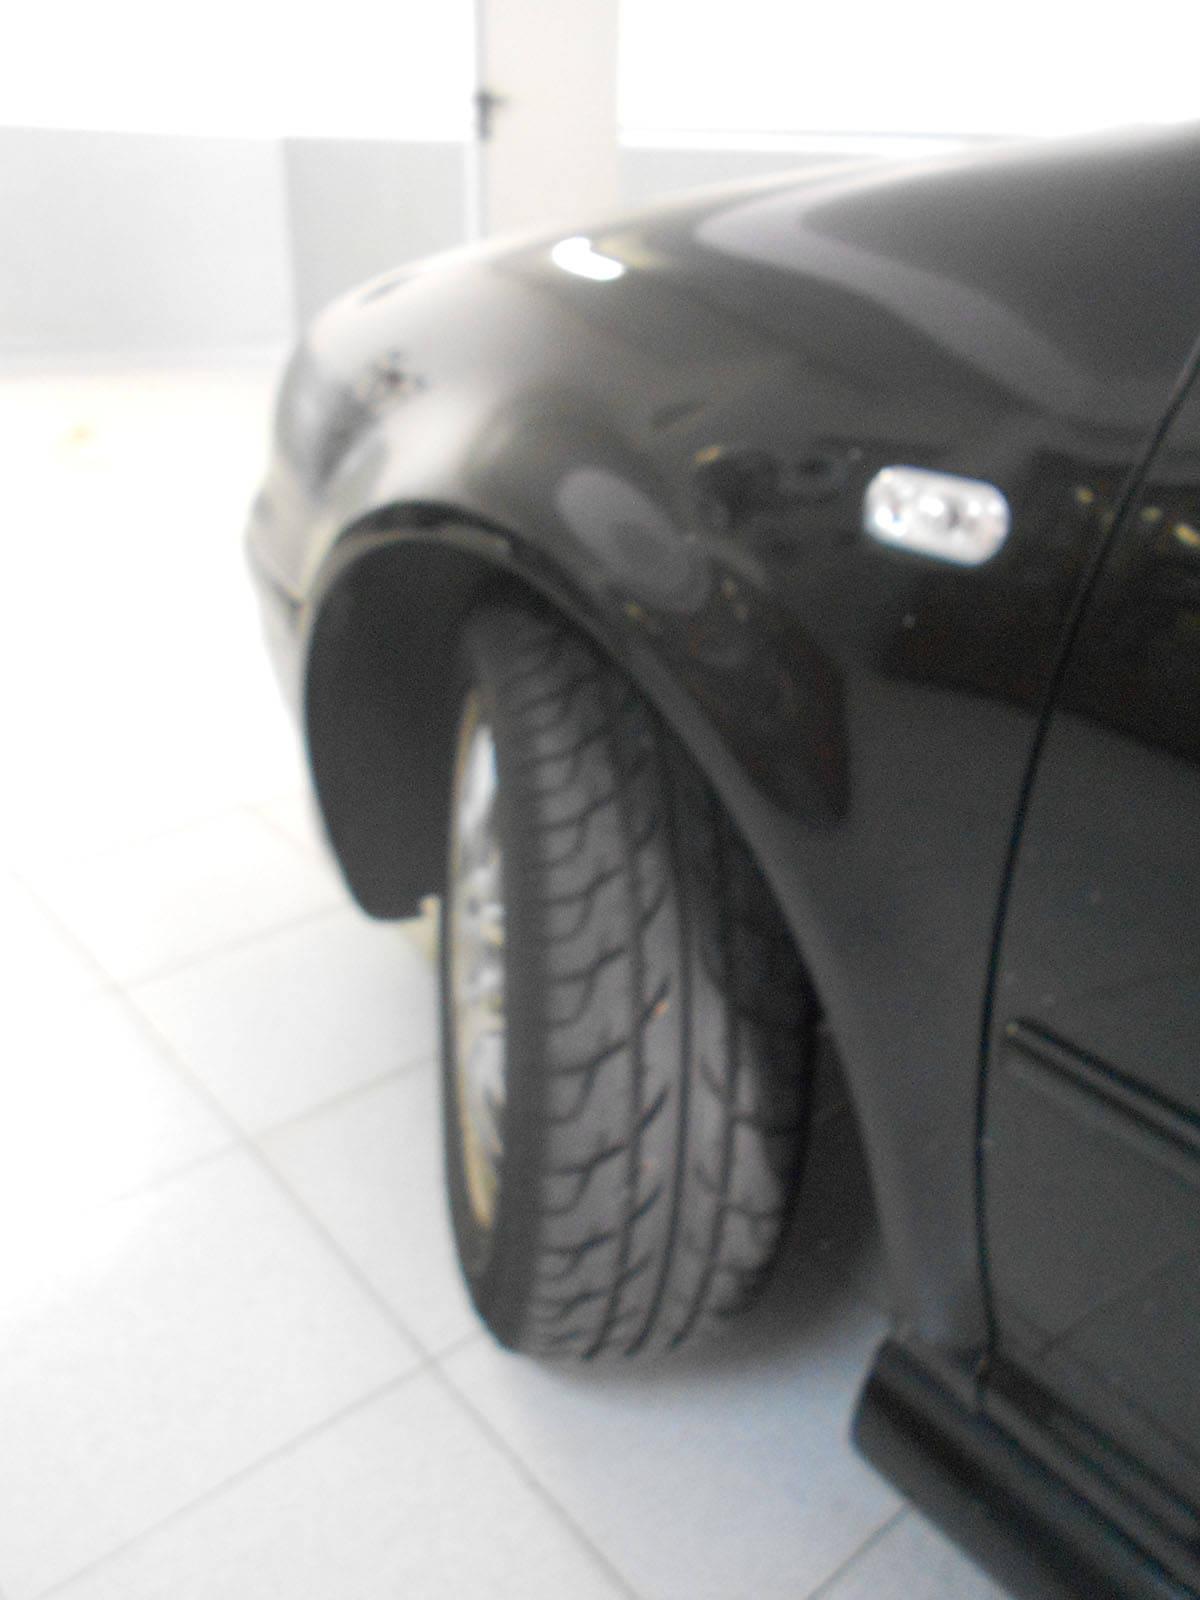 Golf GTI 1.8 turbo 110cv con SOLO 35.500km  - Foto 6